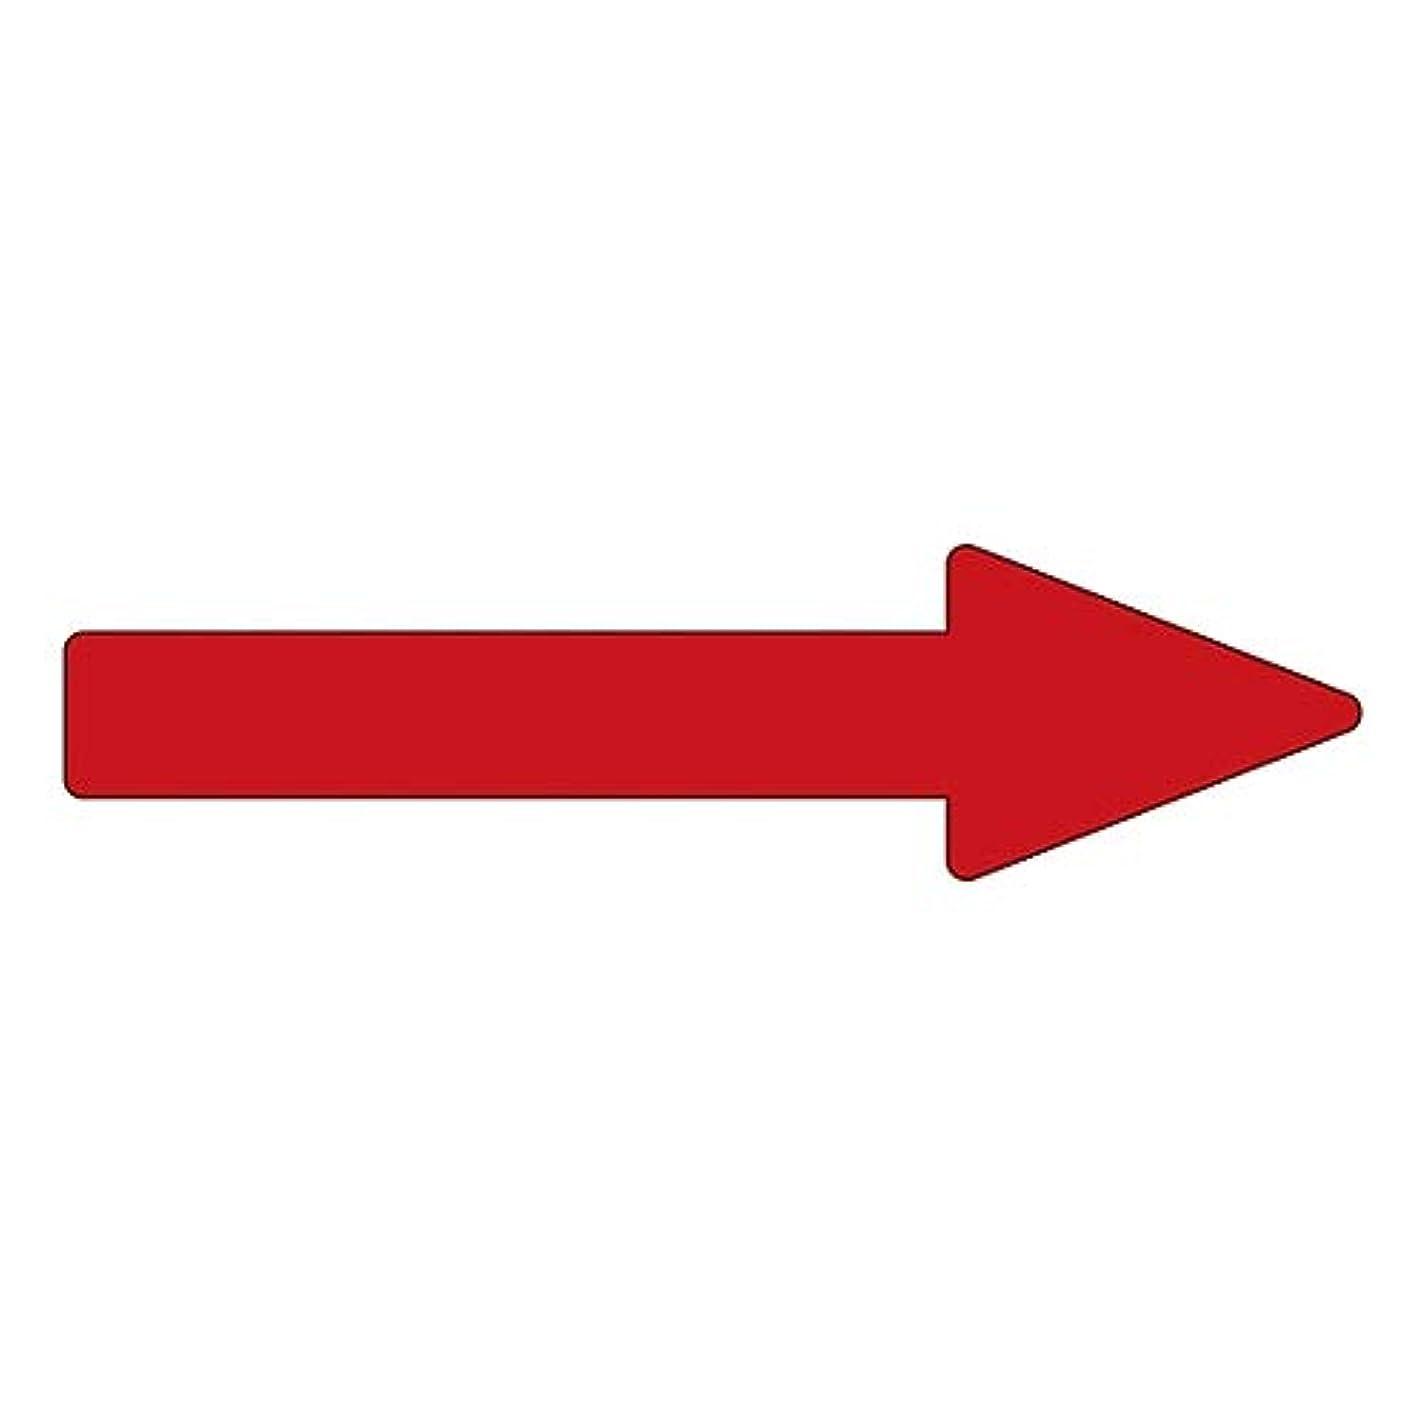 普通のスマッシュリーク配管識別方向表示ステッカー ?→(赤)? 貼矢43/61-3409-06